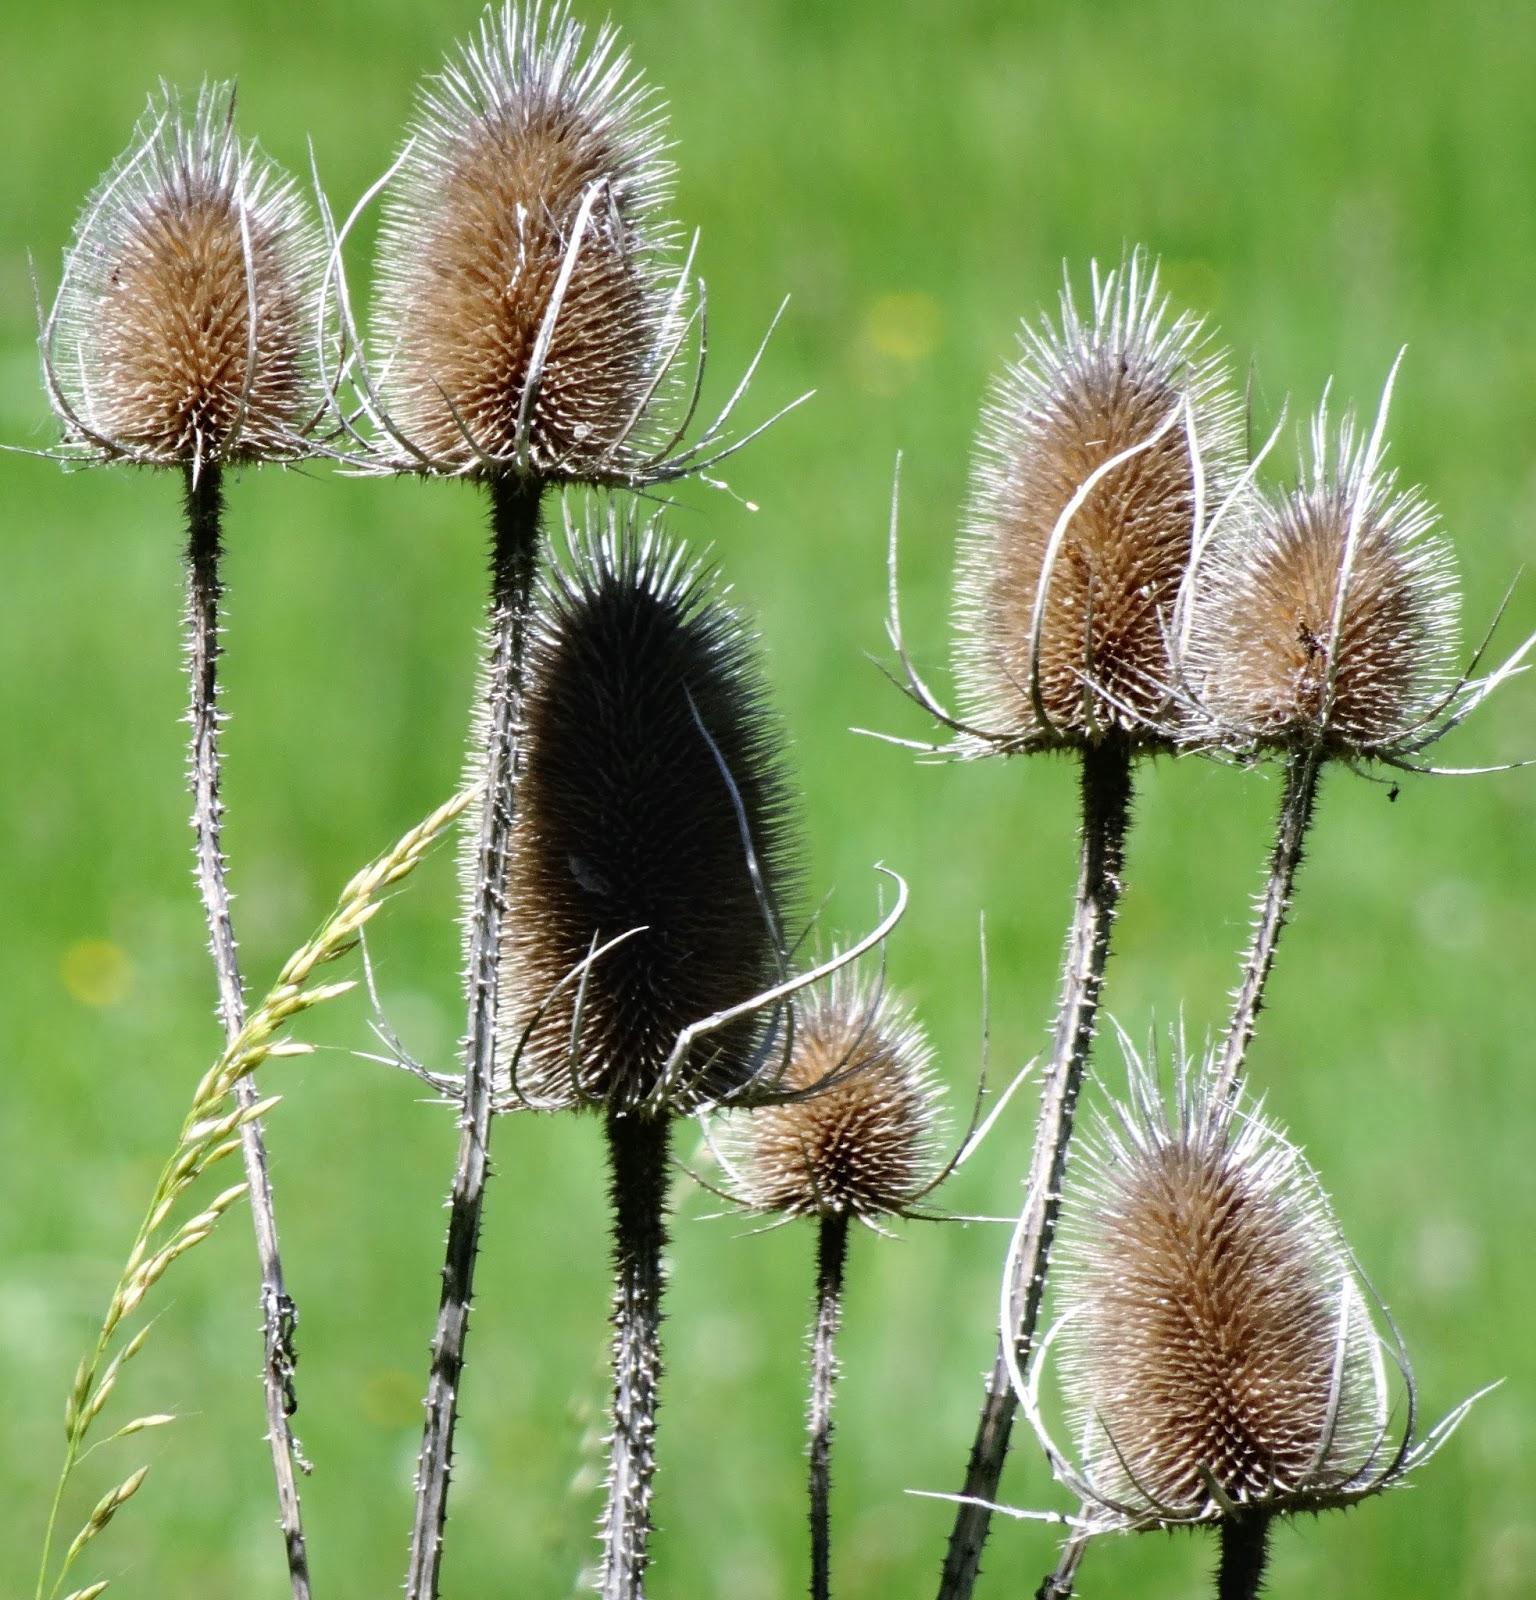 Les chardons les fleurs d 39 hy res et d 39 aujourd 39 hui - Le chardon d ecosse ...